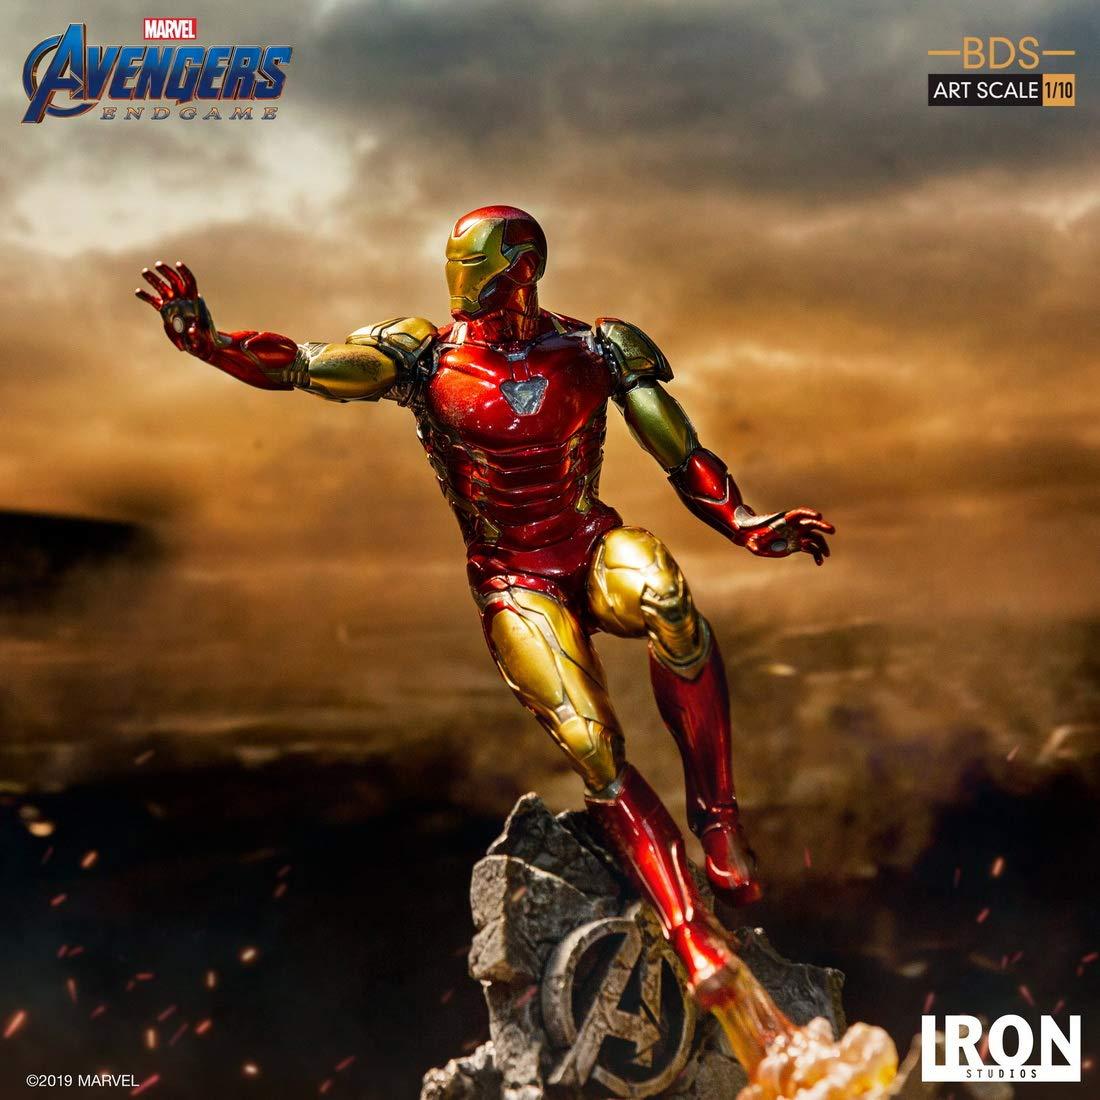 Iron Studios 1/10 スケール アイアンマン アベンジャーズ エンドゲーム Iron Man Mark LXXXV BDS B07S2XPTTV